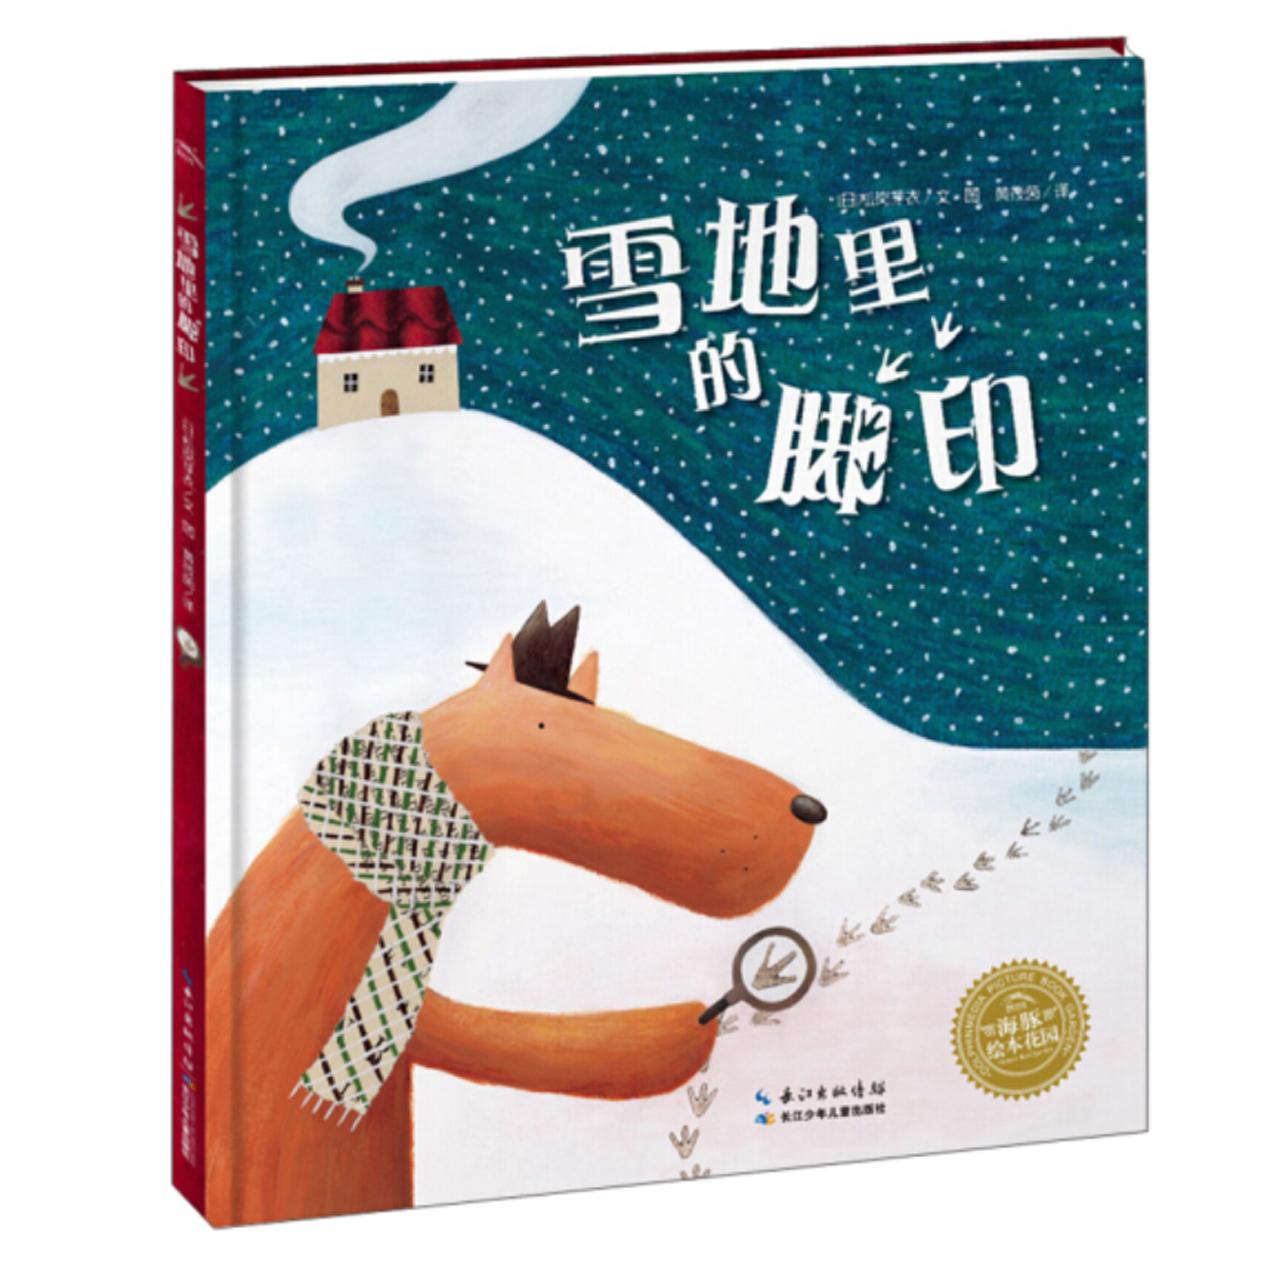 雪地里的脚印【儿童绘本/翻译绘本/有趣故事】